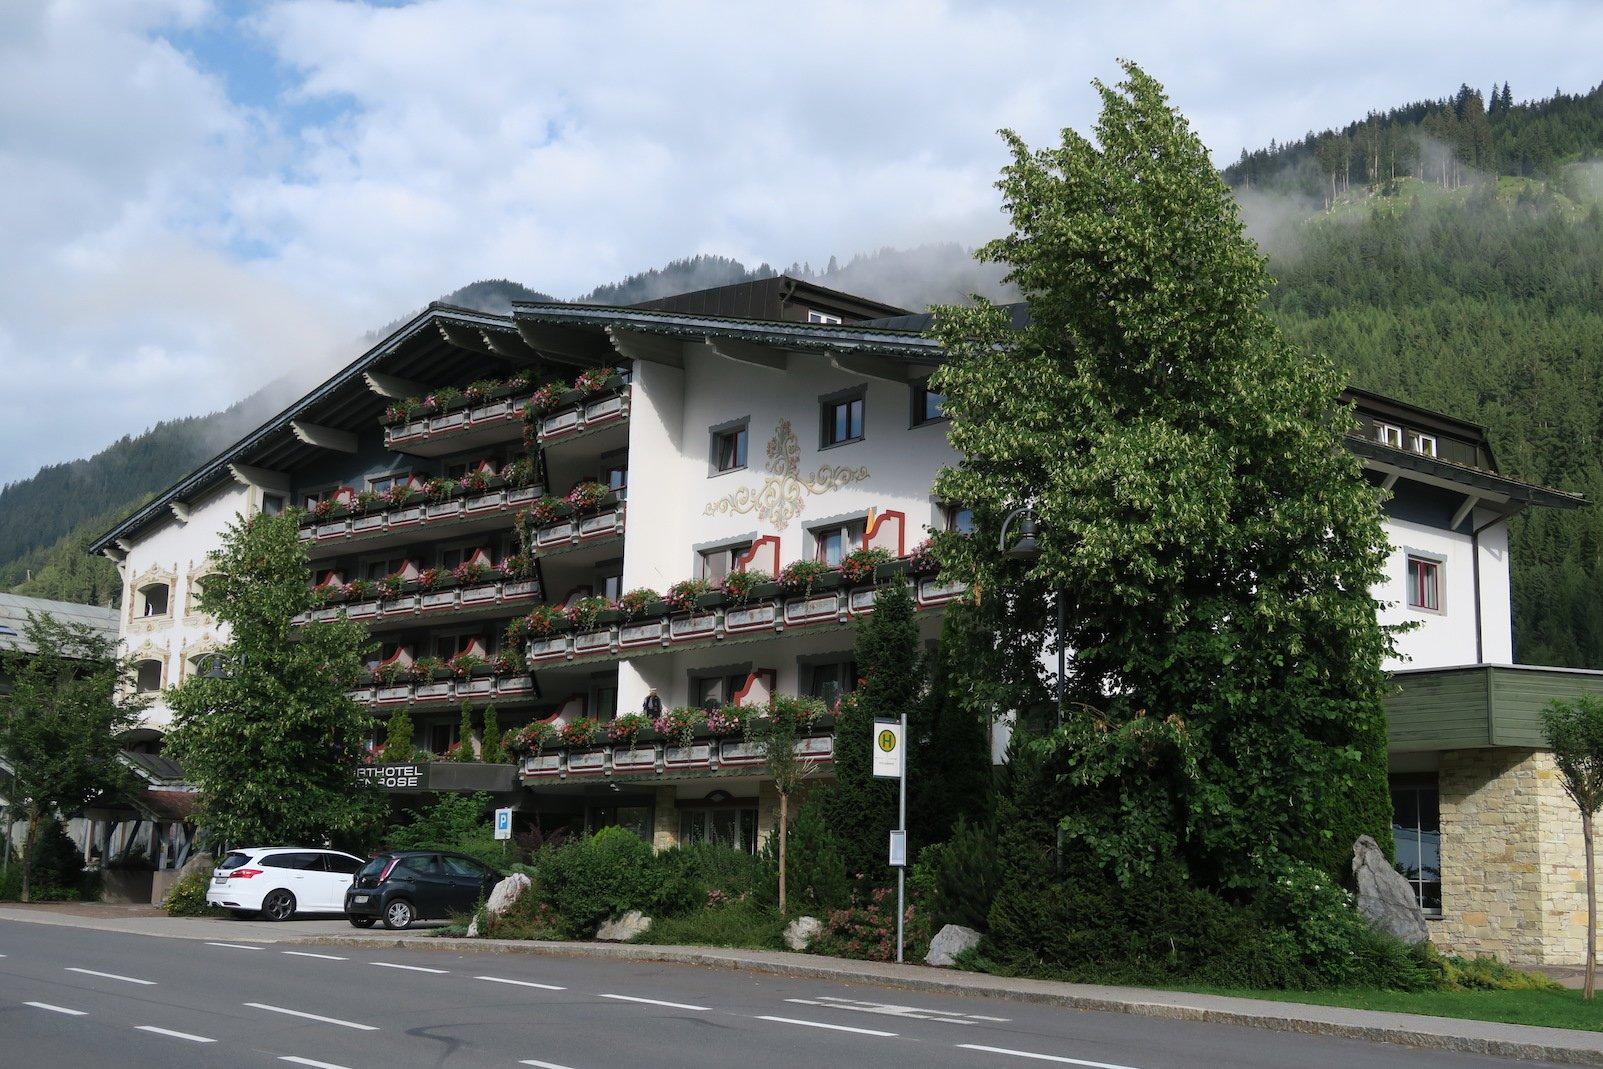 Hotel Alpenrose in Elbigenalp